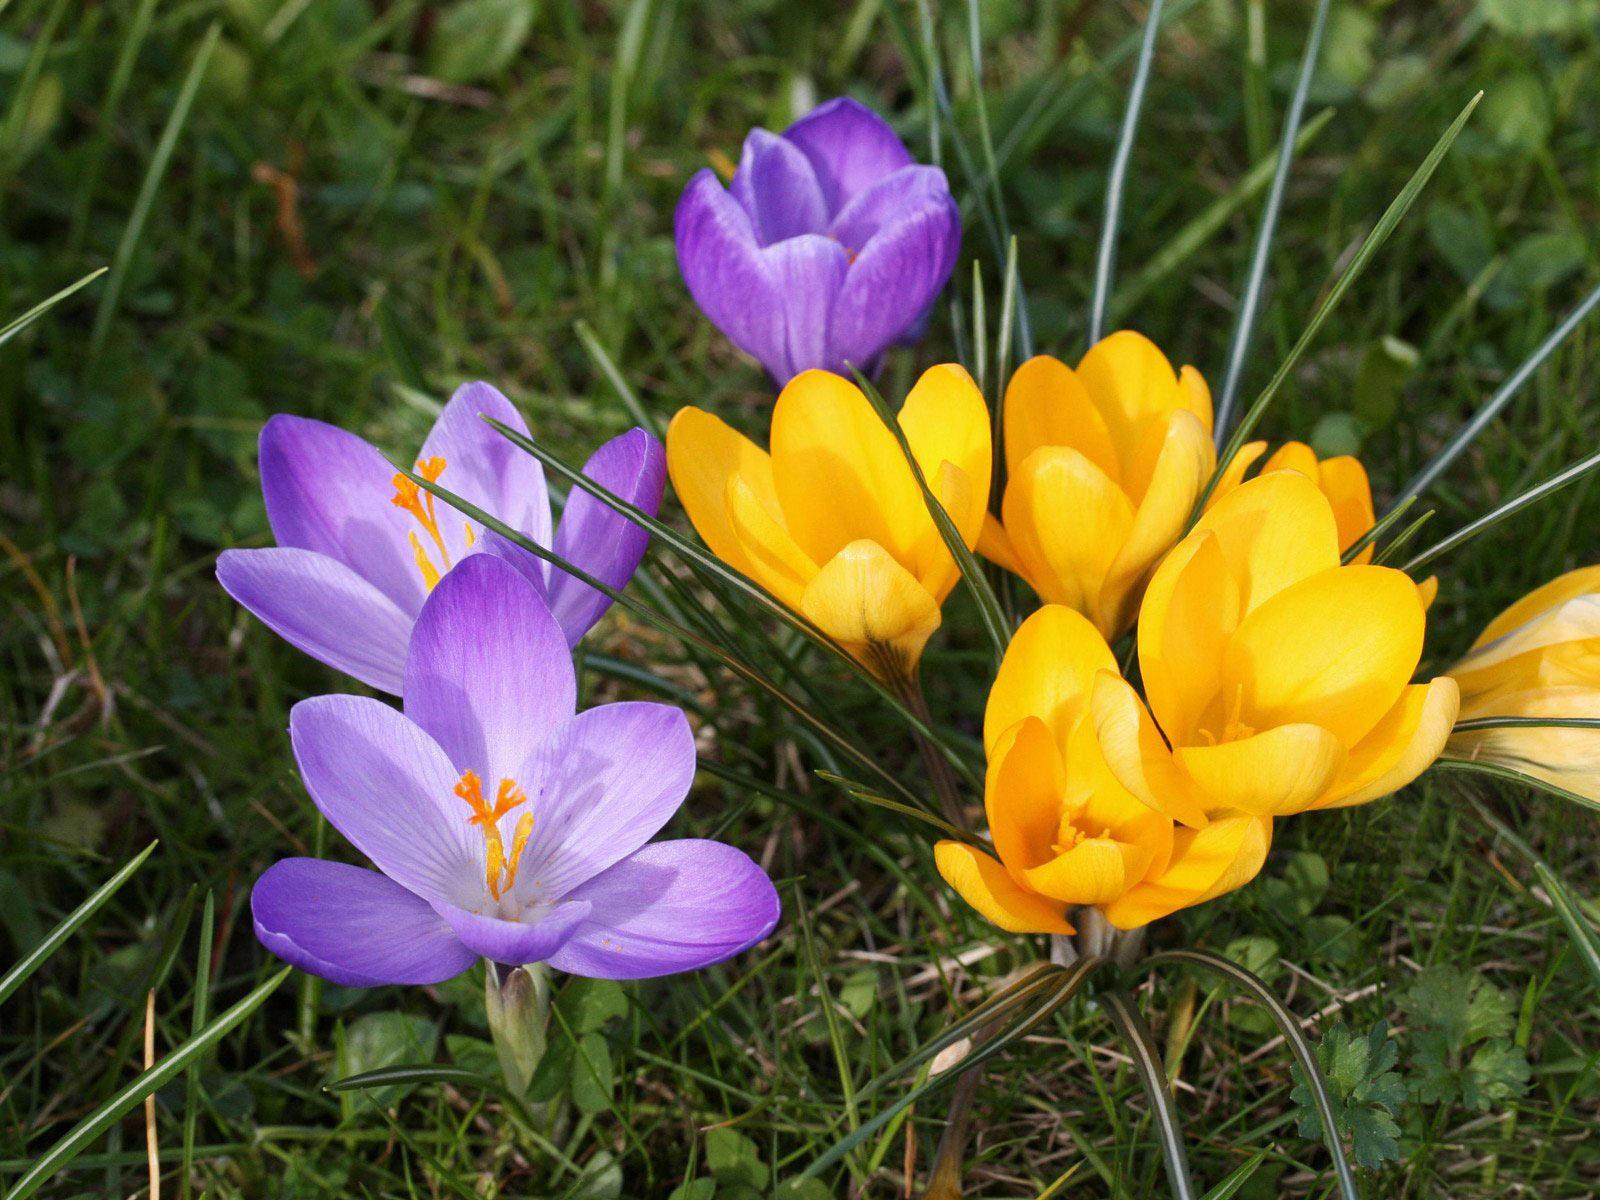 Первоцветы крокусы: фото, посадка и уход в открытом грунте